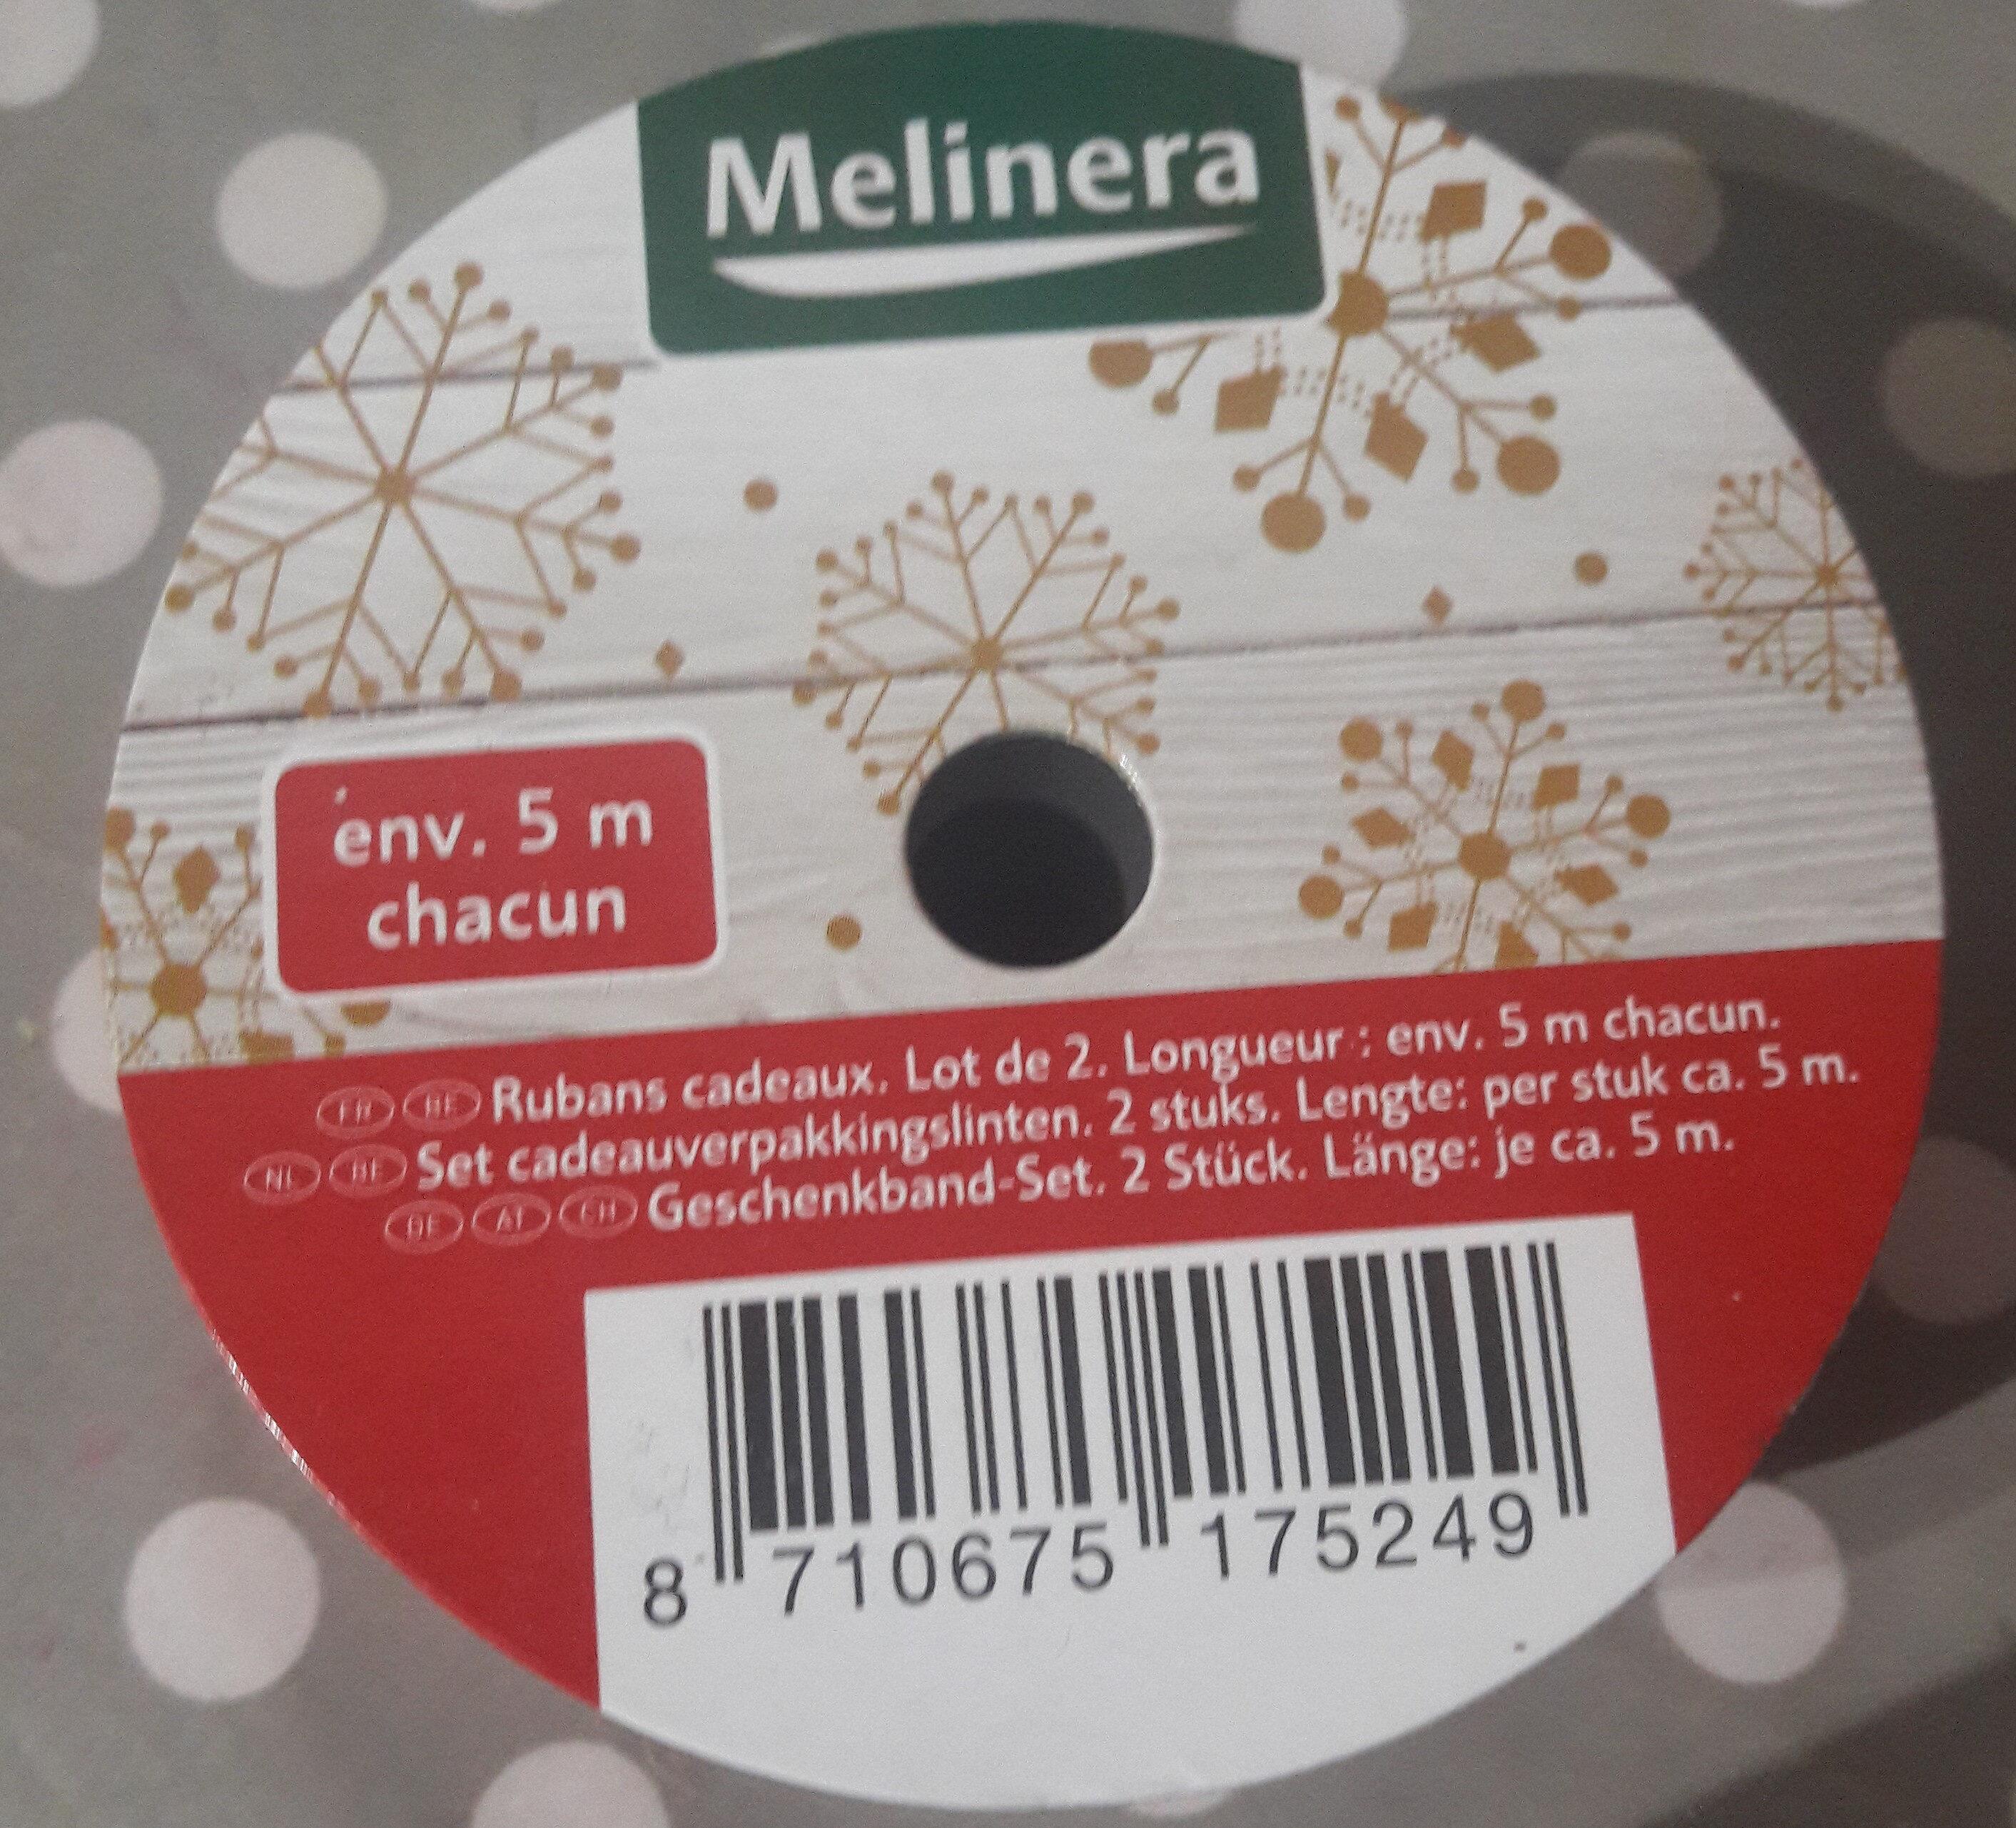 Ruban cadeaux - Product - fr